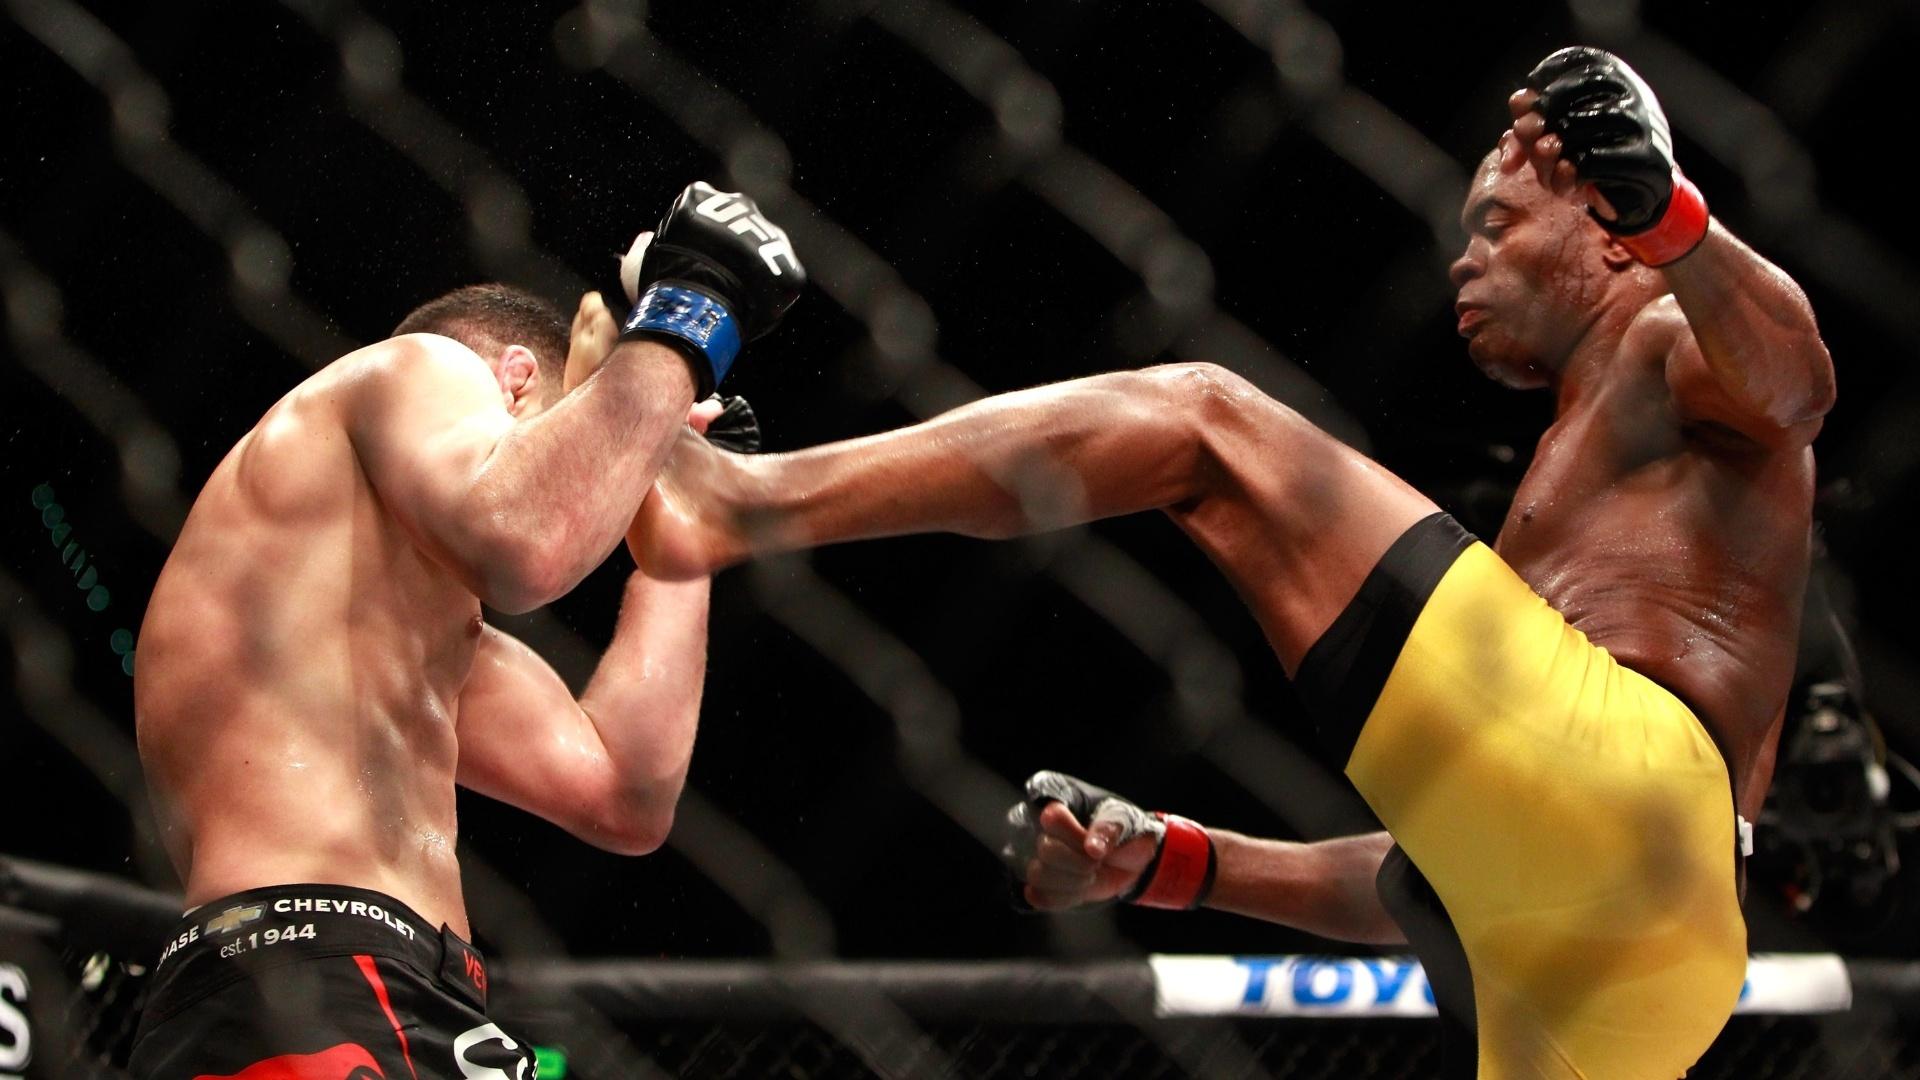 Anderson Silva castiga Nick Diaz e acerta chute no rosto do adversário na luta principal do UFC 183 em Las Vegas (EUA)